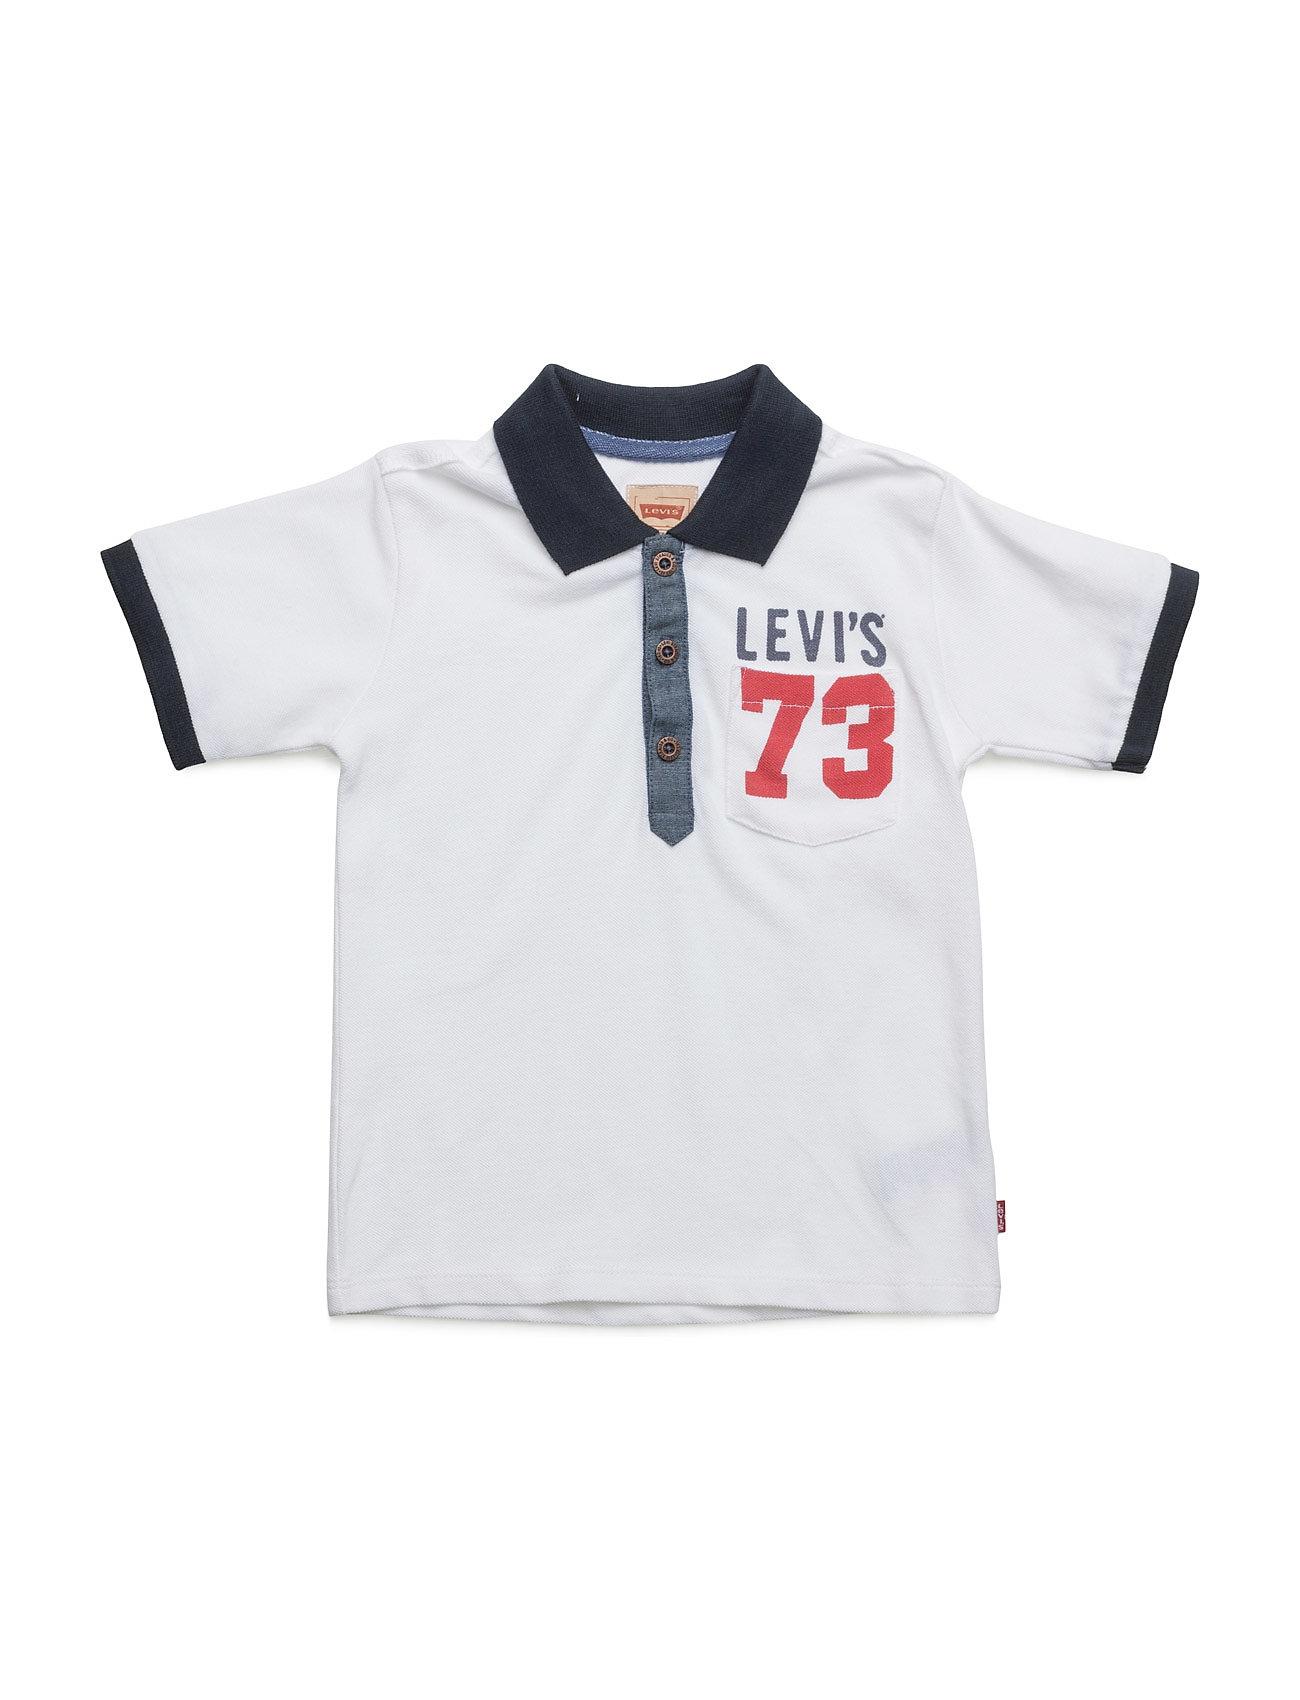 Ss Polo Omy Levi's Kids Kortærmede t-shirts til Børn i hvid